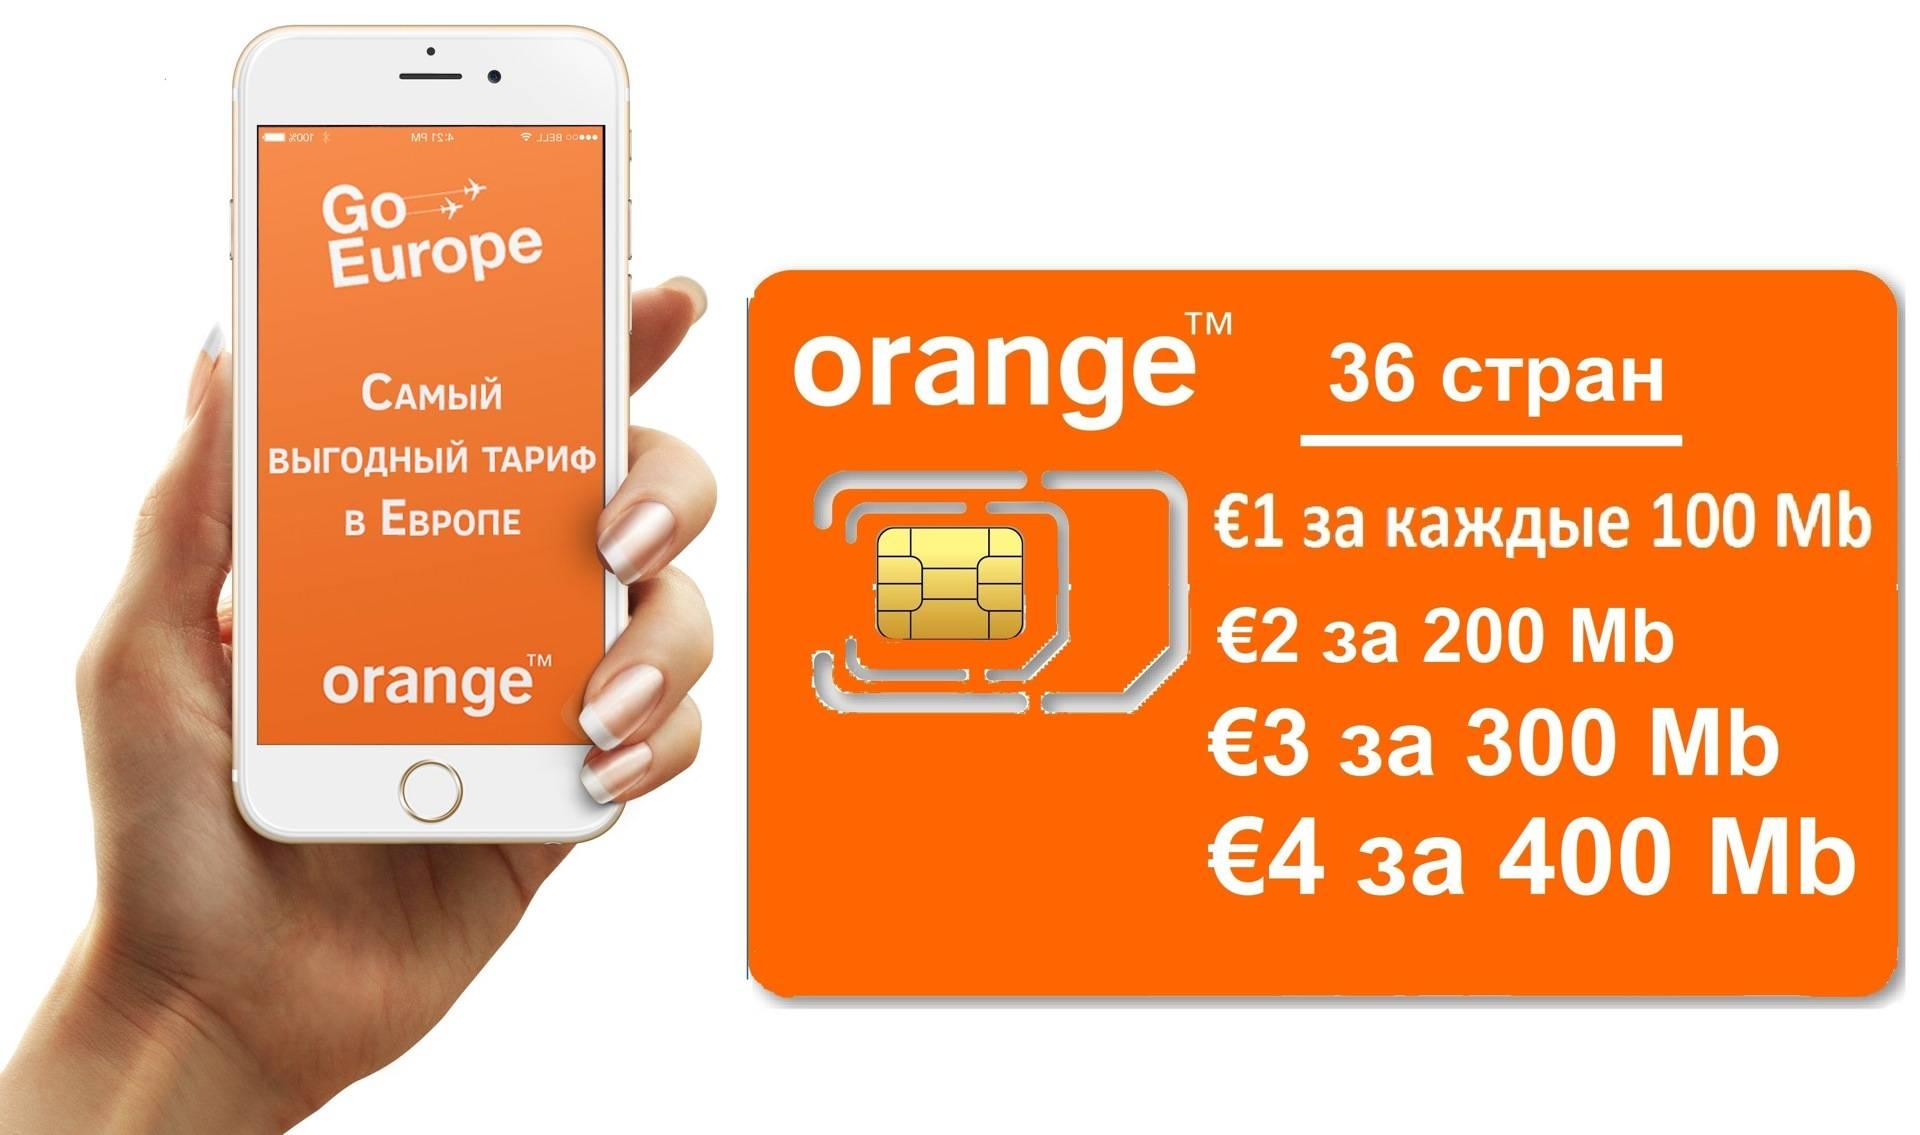 Мобильный оператор plus (плюс) в польше: обзор тарифов, пакетов и кодов